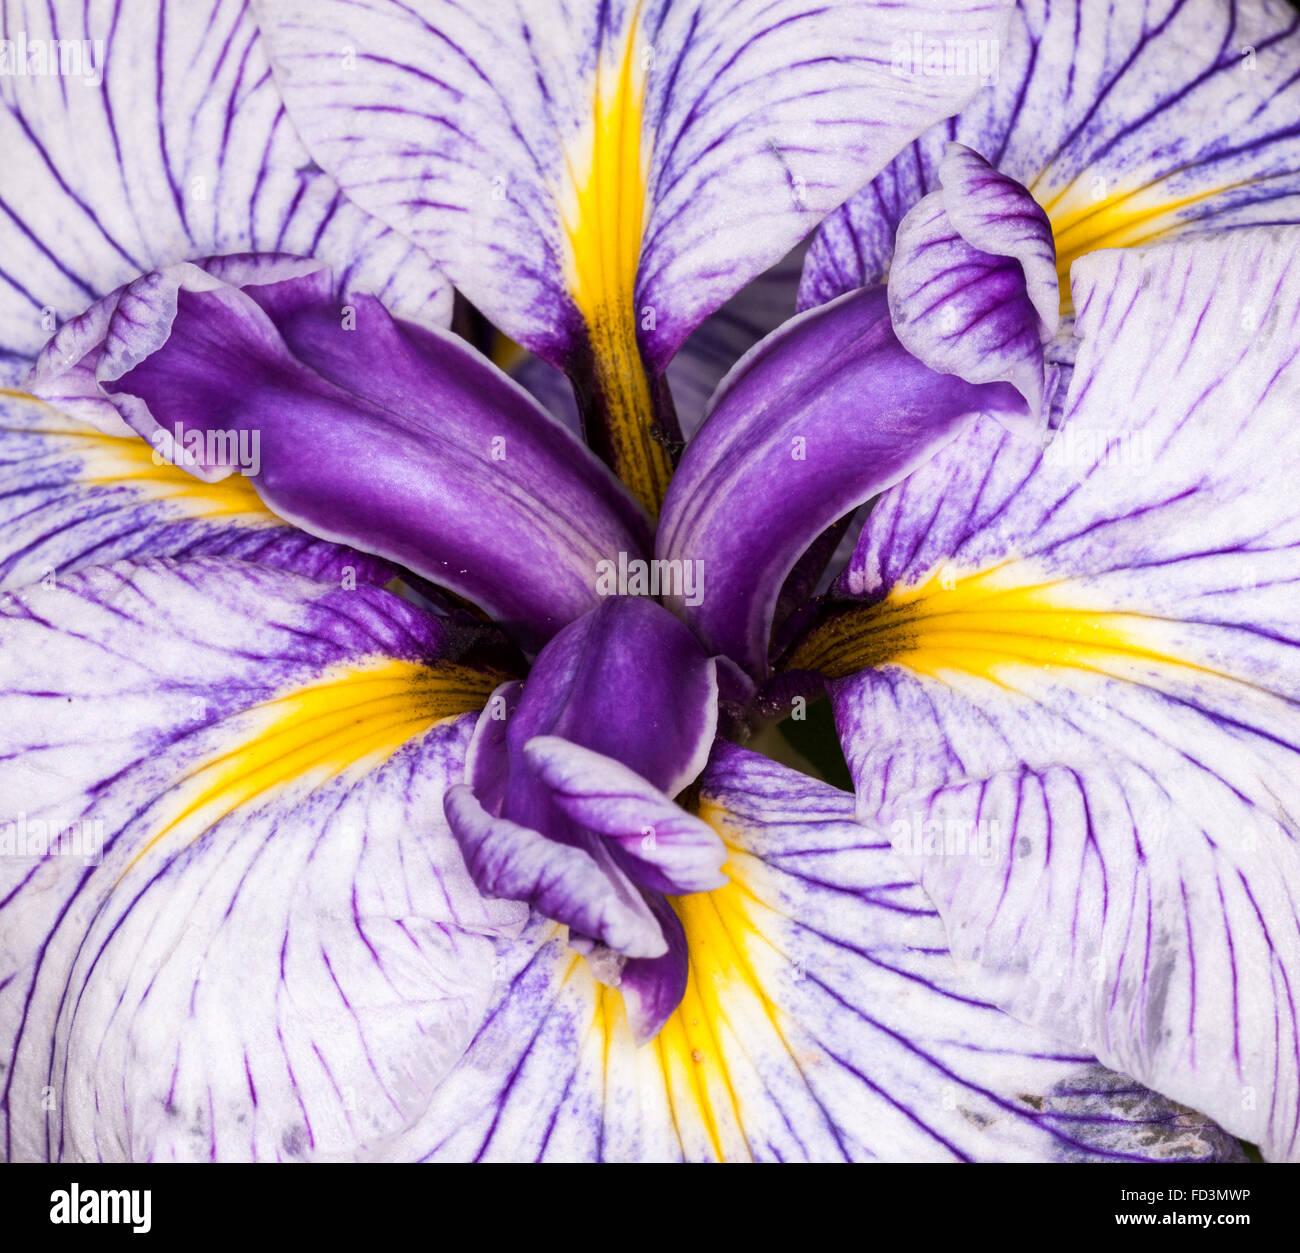 Iris Is A Genus Of Species Of Flowering Plants With Showy Flowers